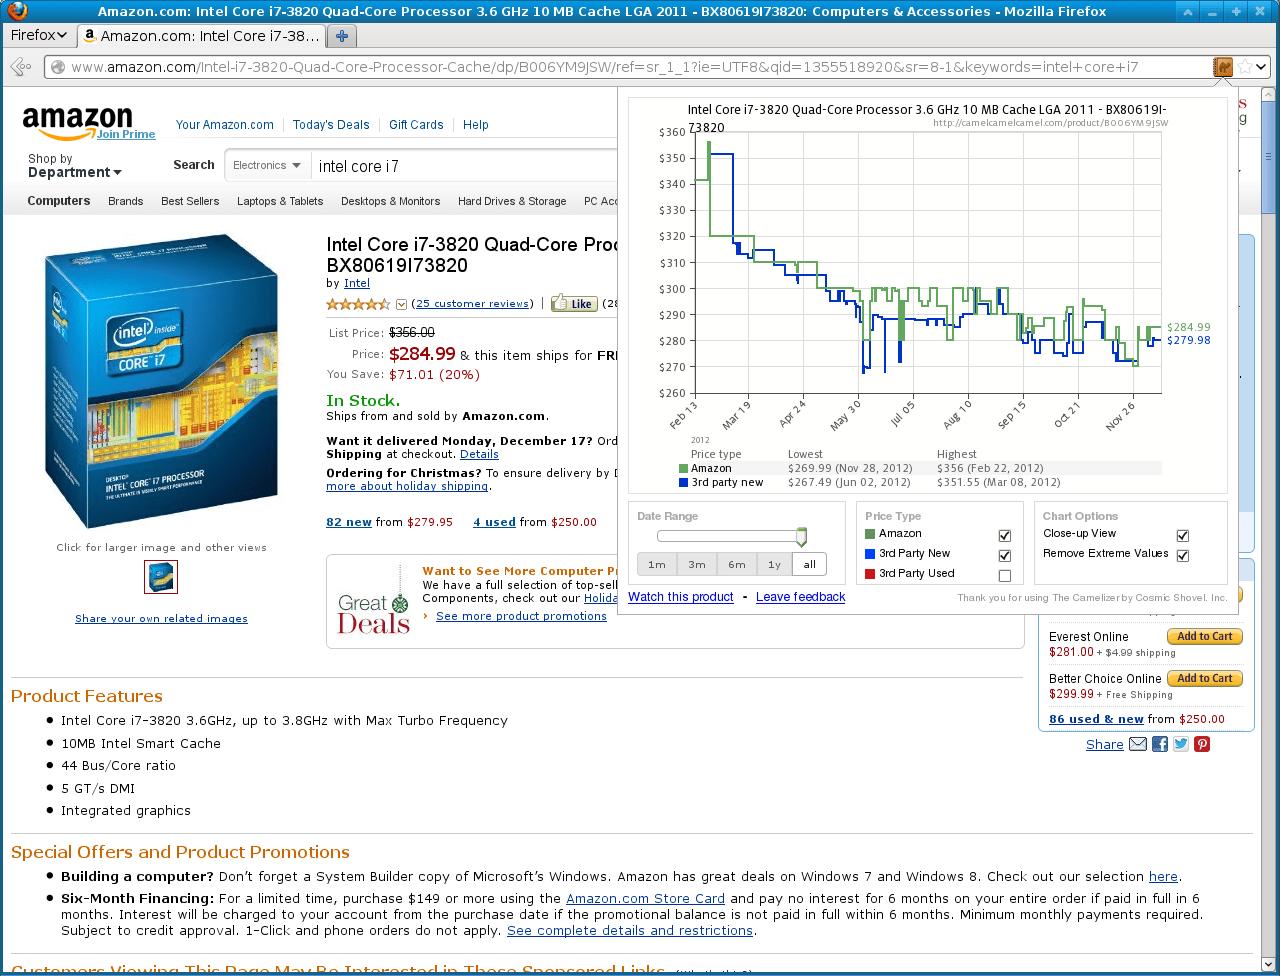 camelizer-firefox-screenshots-amazon CamelCamelCamel : soyez alerté de l'évolution du prix des produits sur Amazon